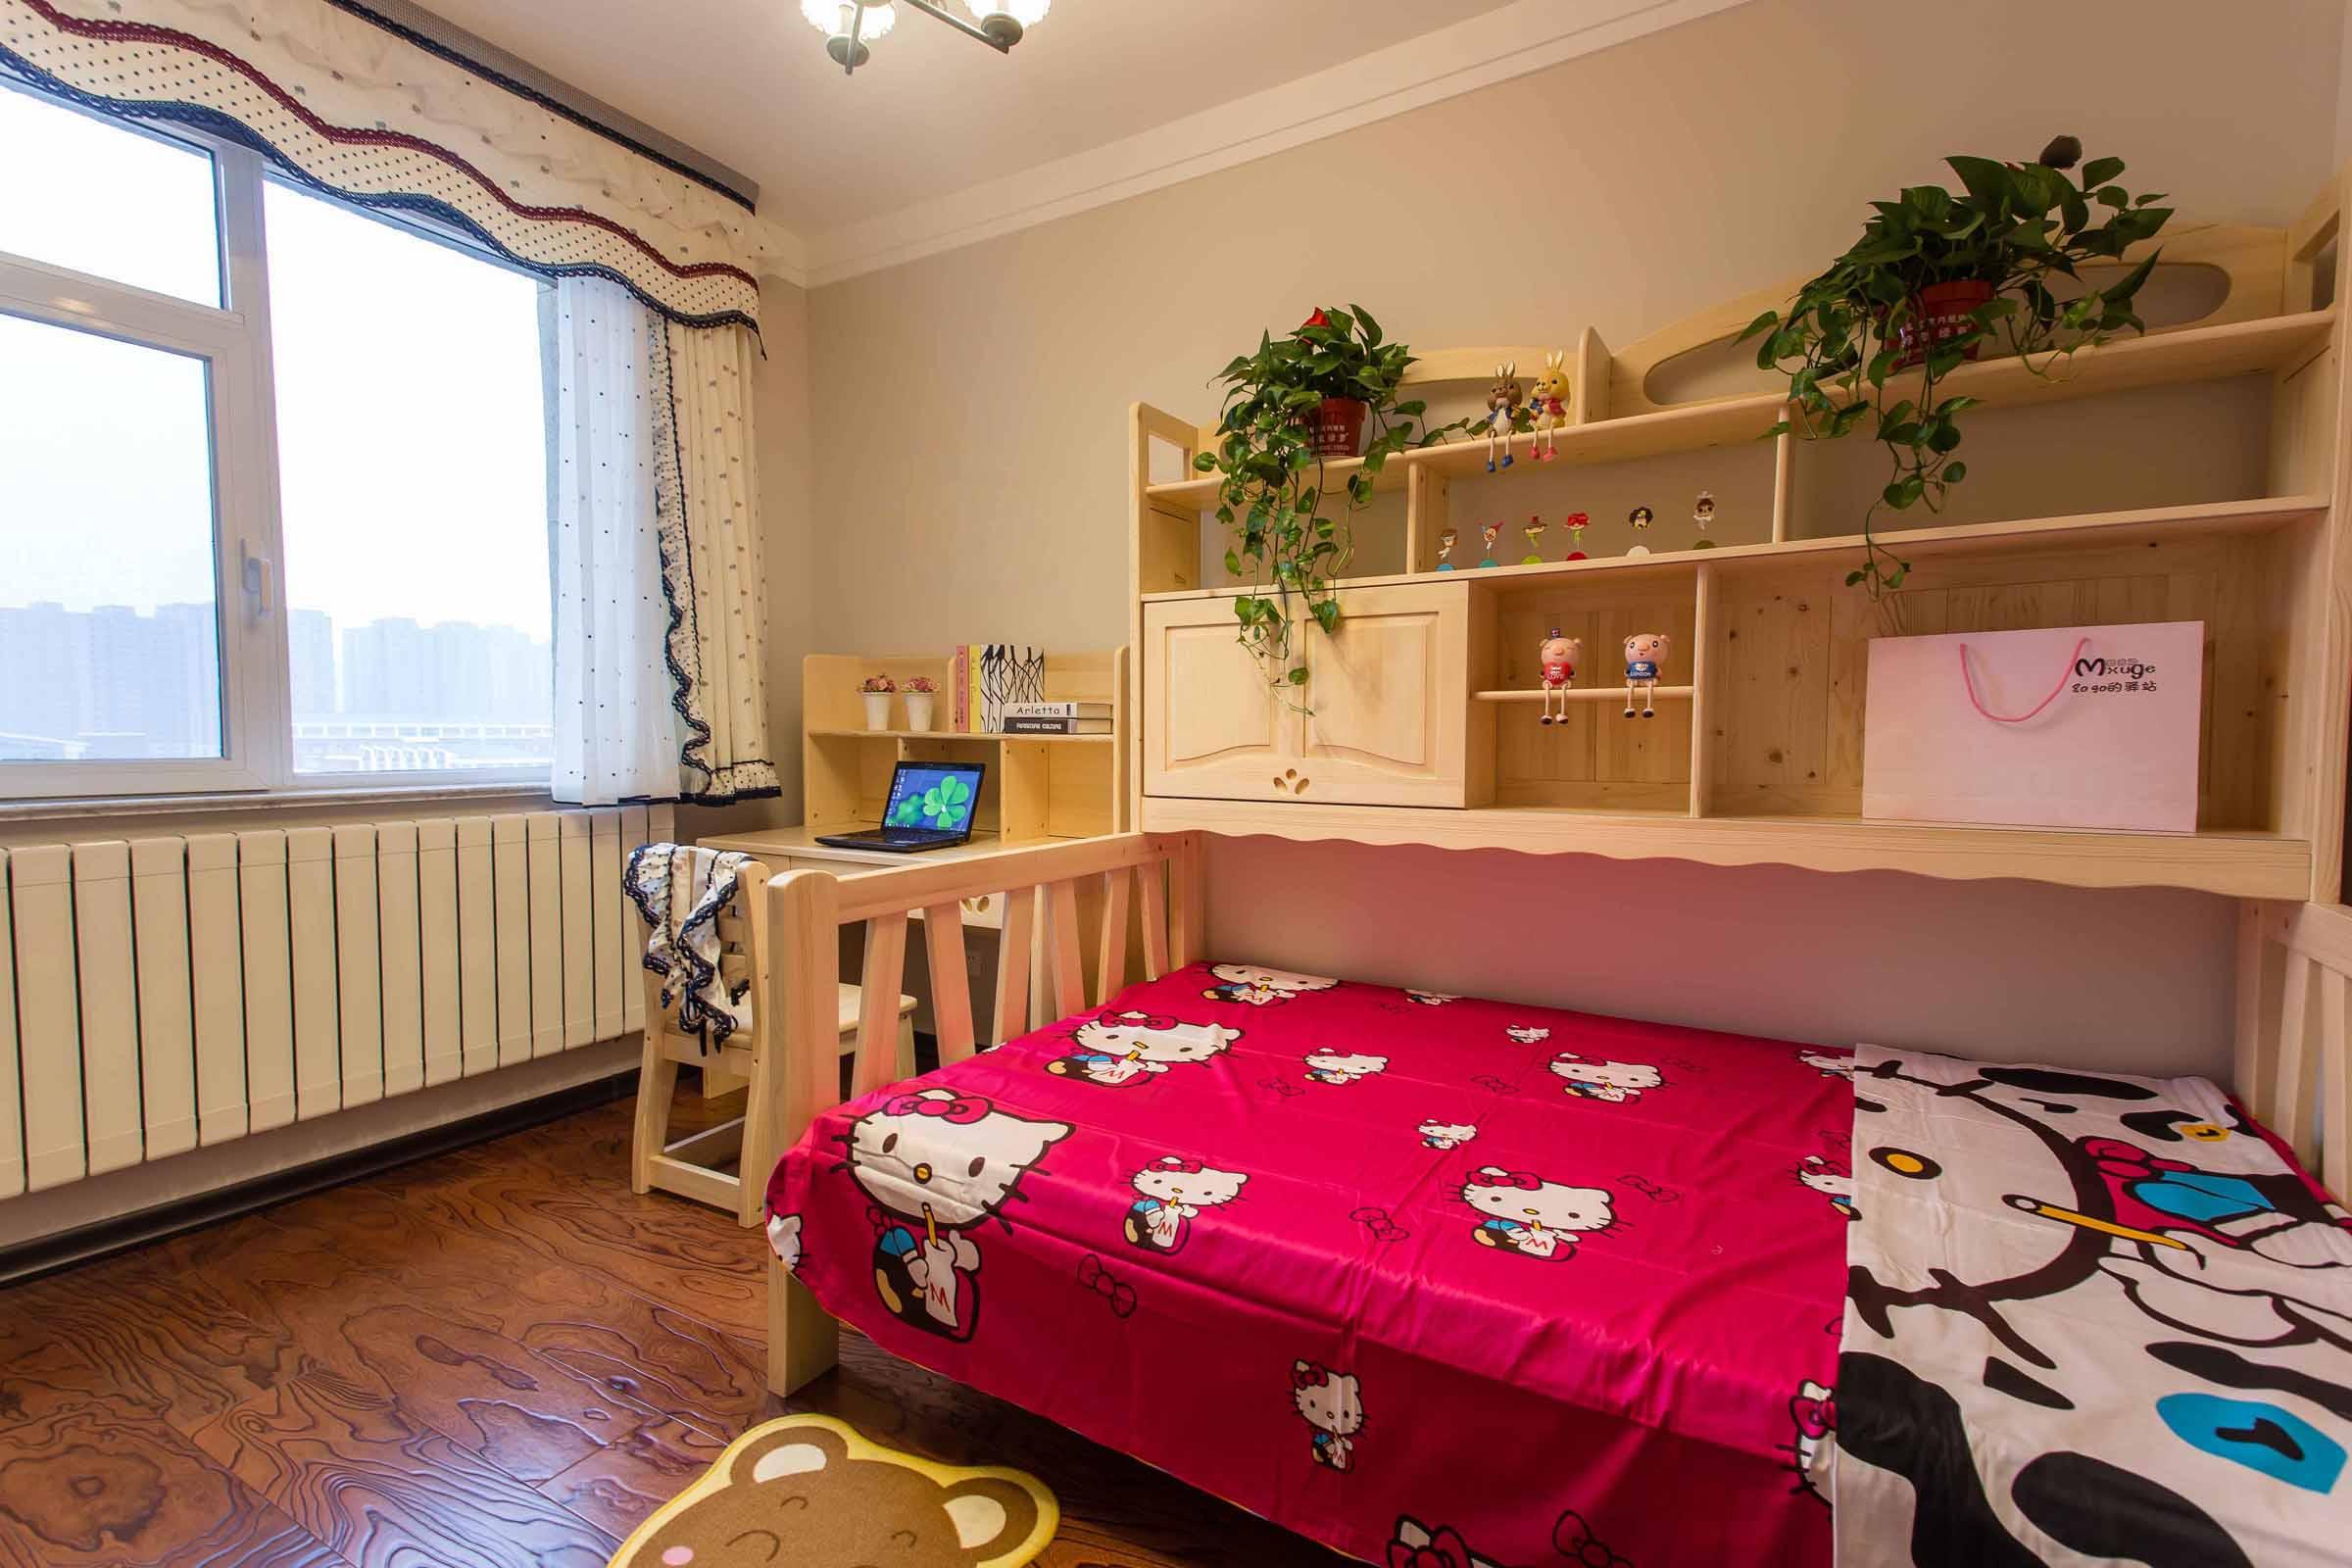 儿童房设计还是很温馨的,一看就是女孩子的放假粉色系列,多了几分浪漫之感。